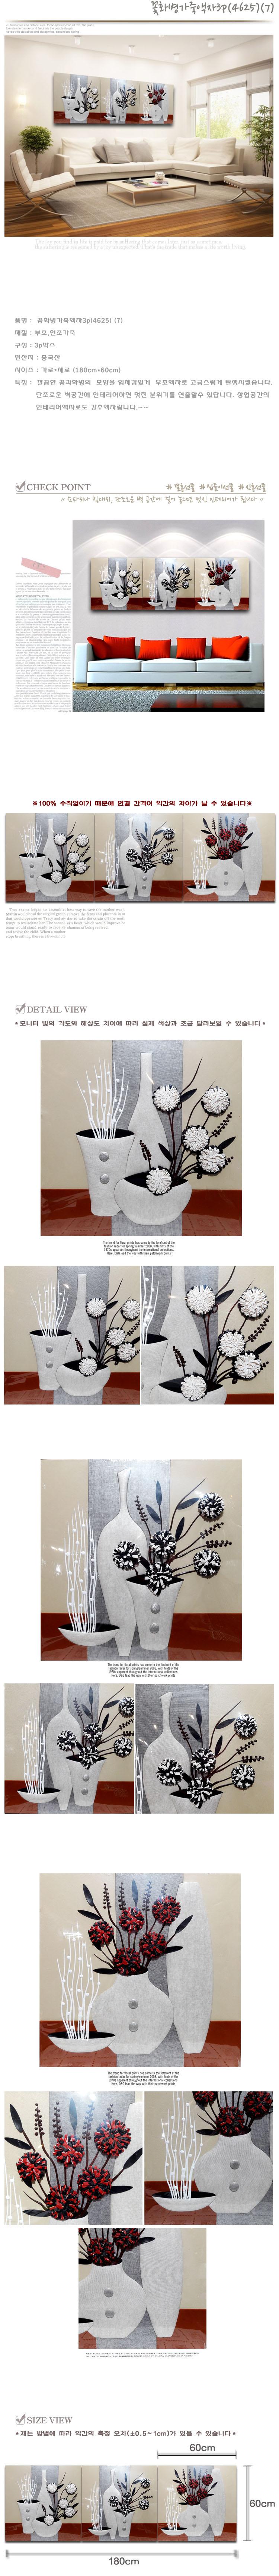 꽃화병가죽액자3p(4625) (7) - 유앤티크, 170,000원, 액자, 액자세트